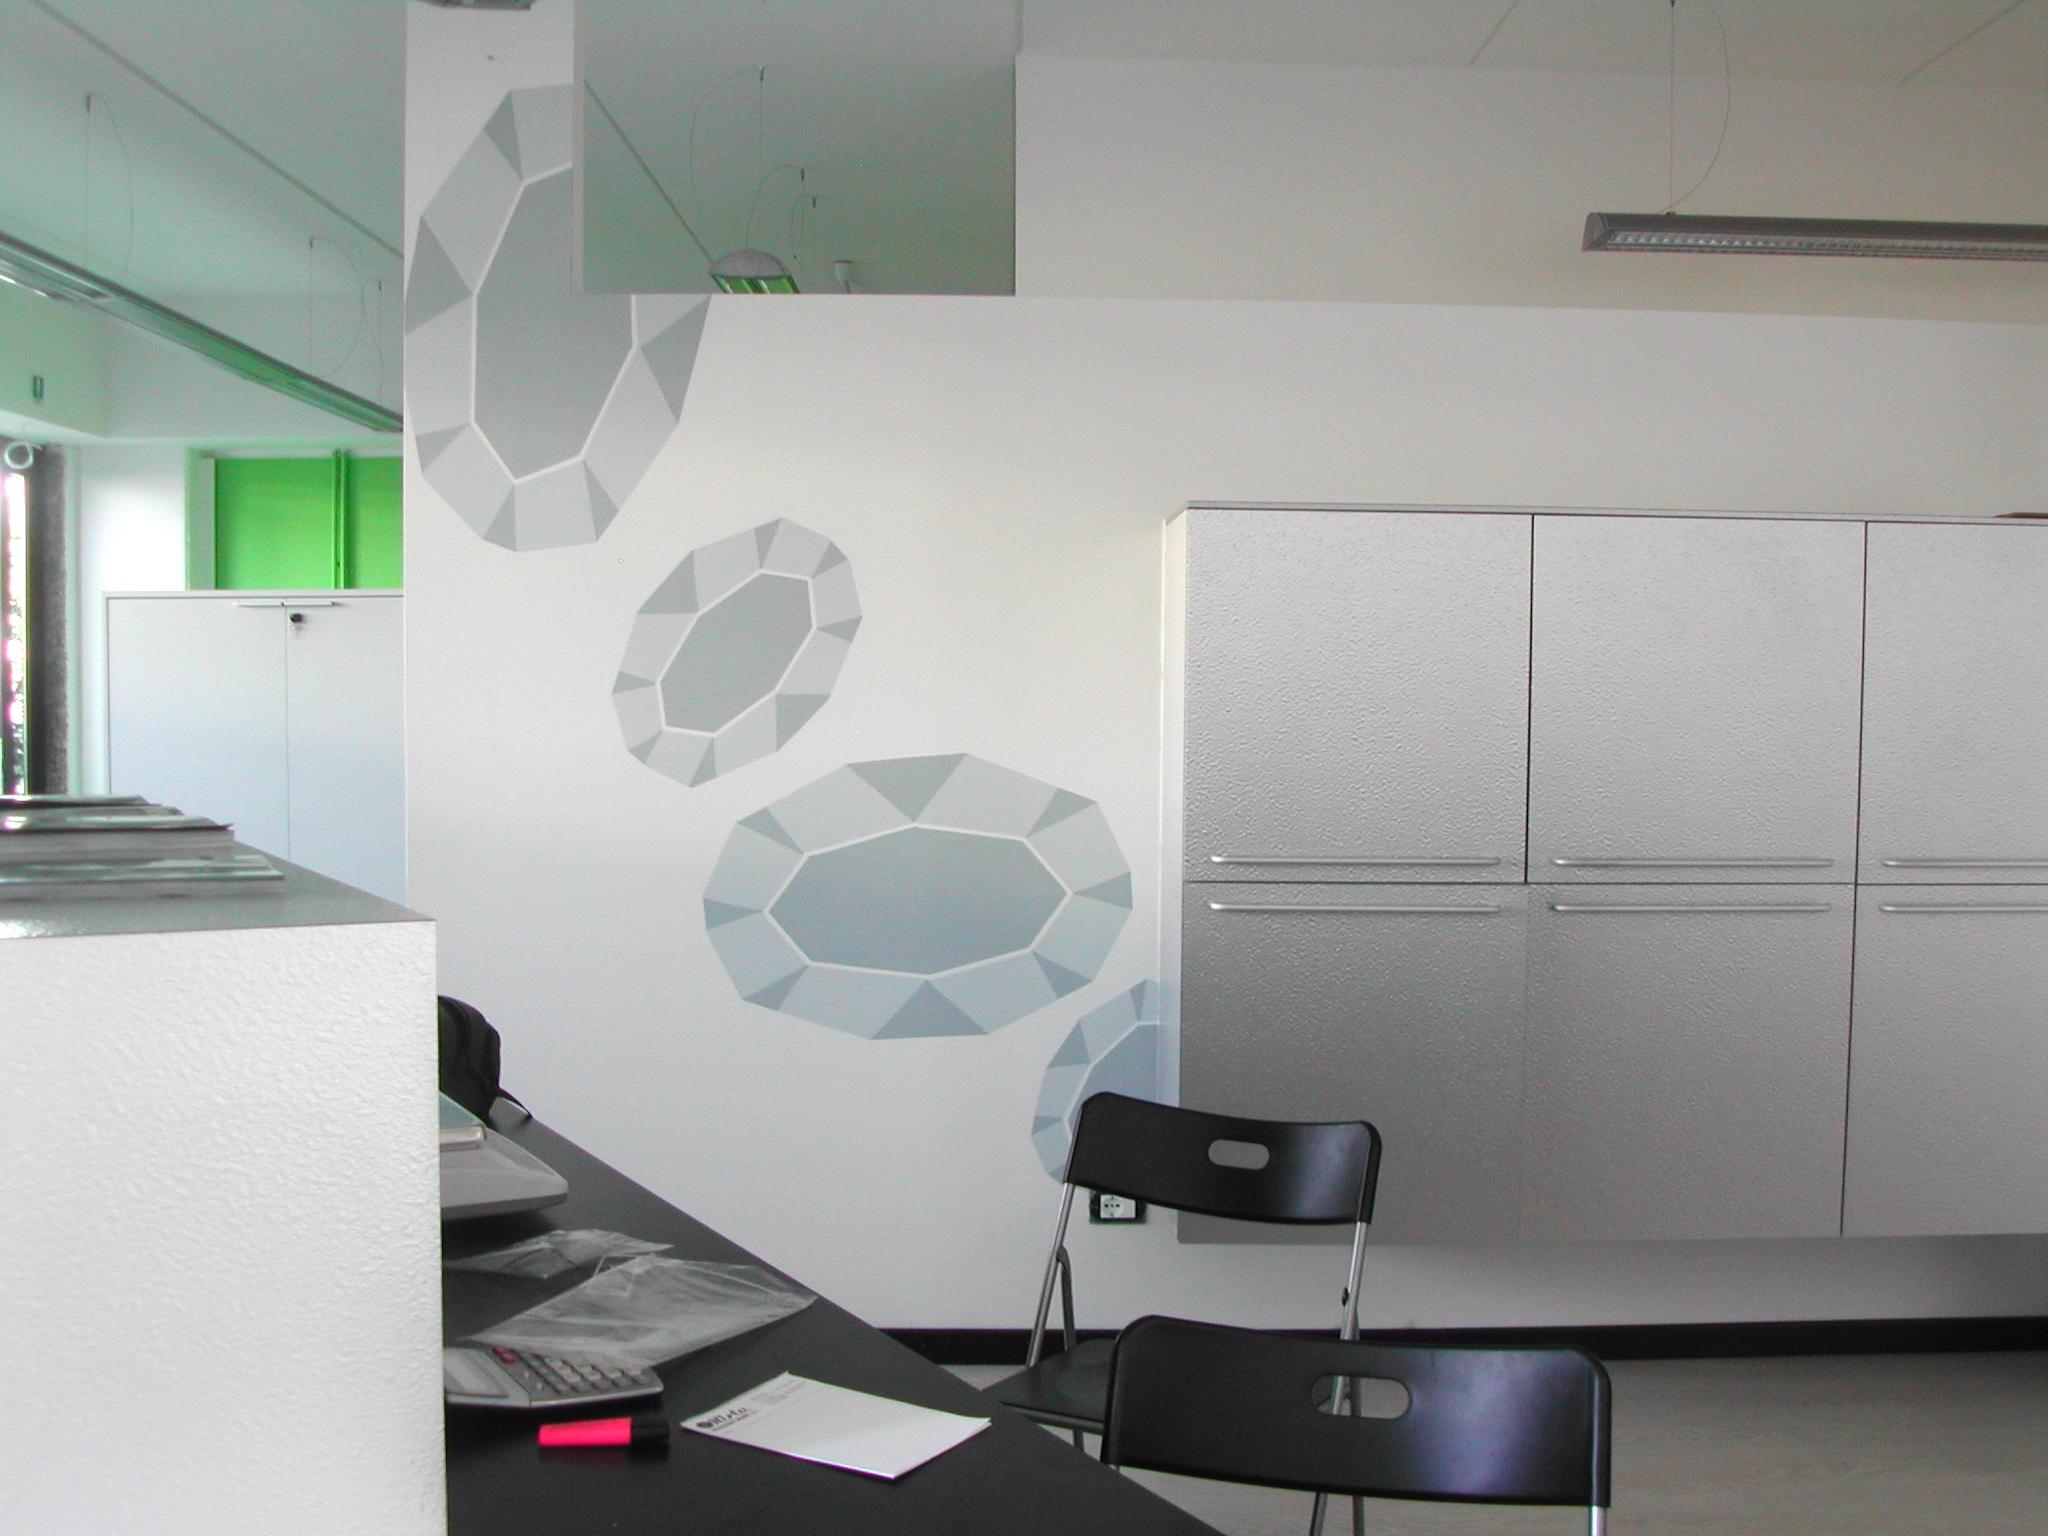 Decorazioni d 39 interni per mirta accessori per la moda prato - Decorazioni d interni ...